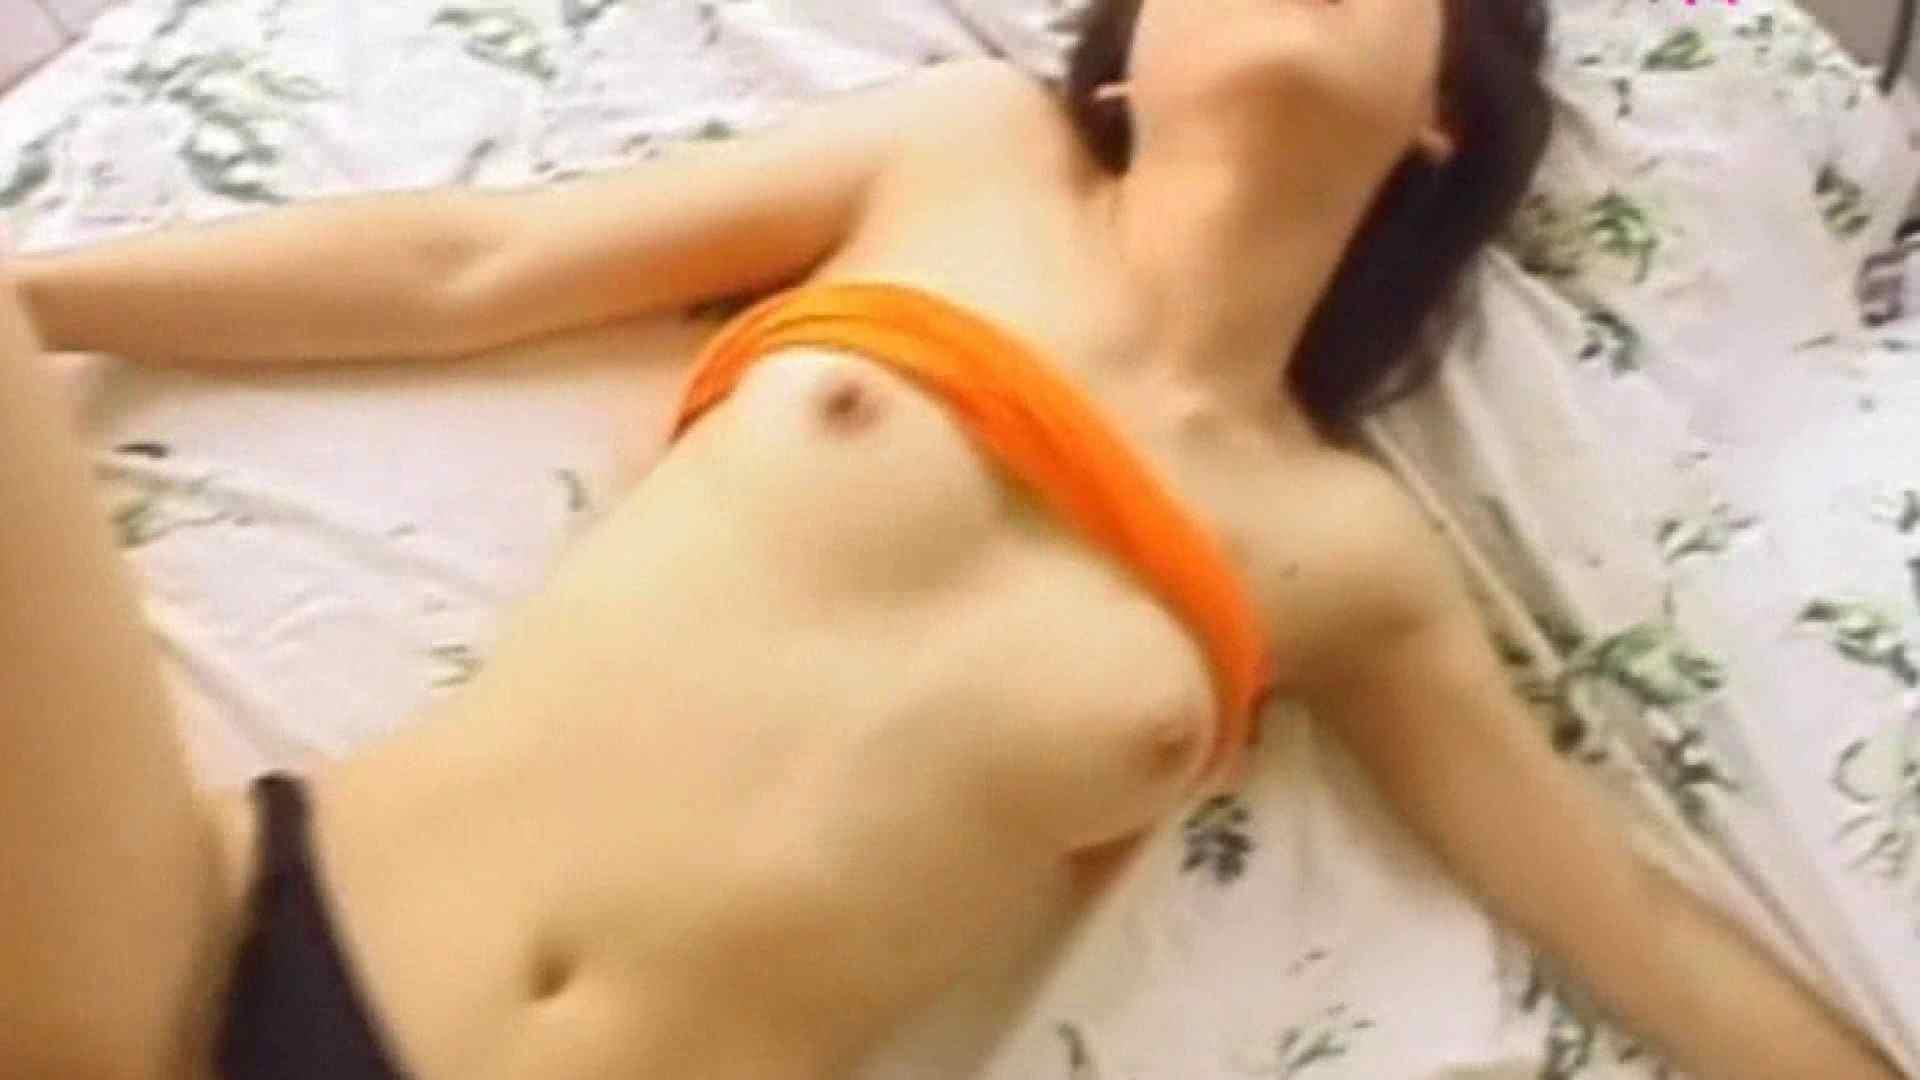 おしえてギャル子のH塾 Vol.14 前編 OLのエッチ セックス無修正動画無料 80pic 77